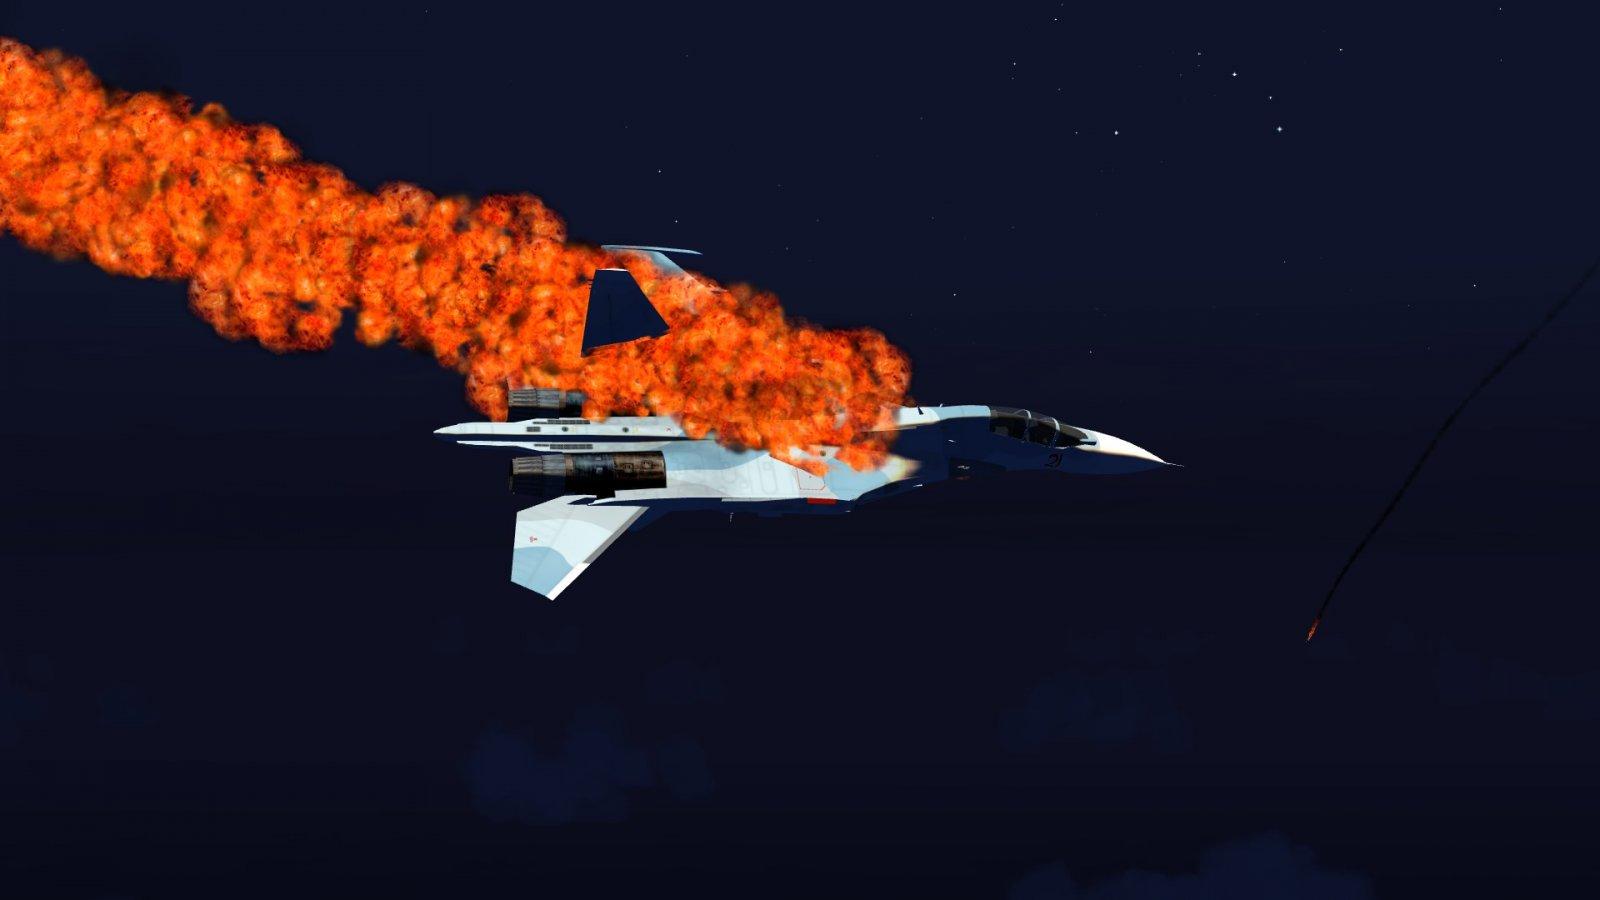 Tumbling & Burning Su-30